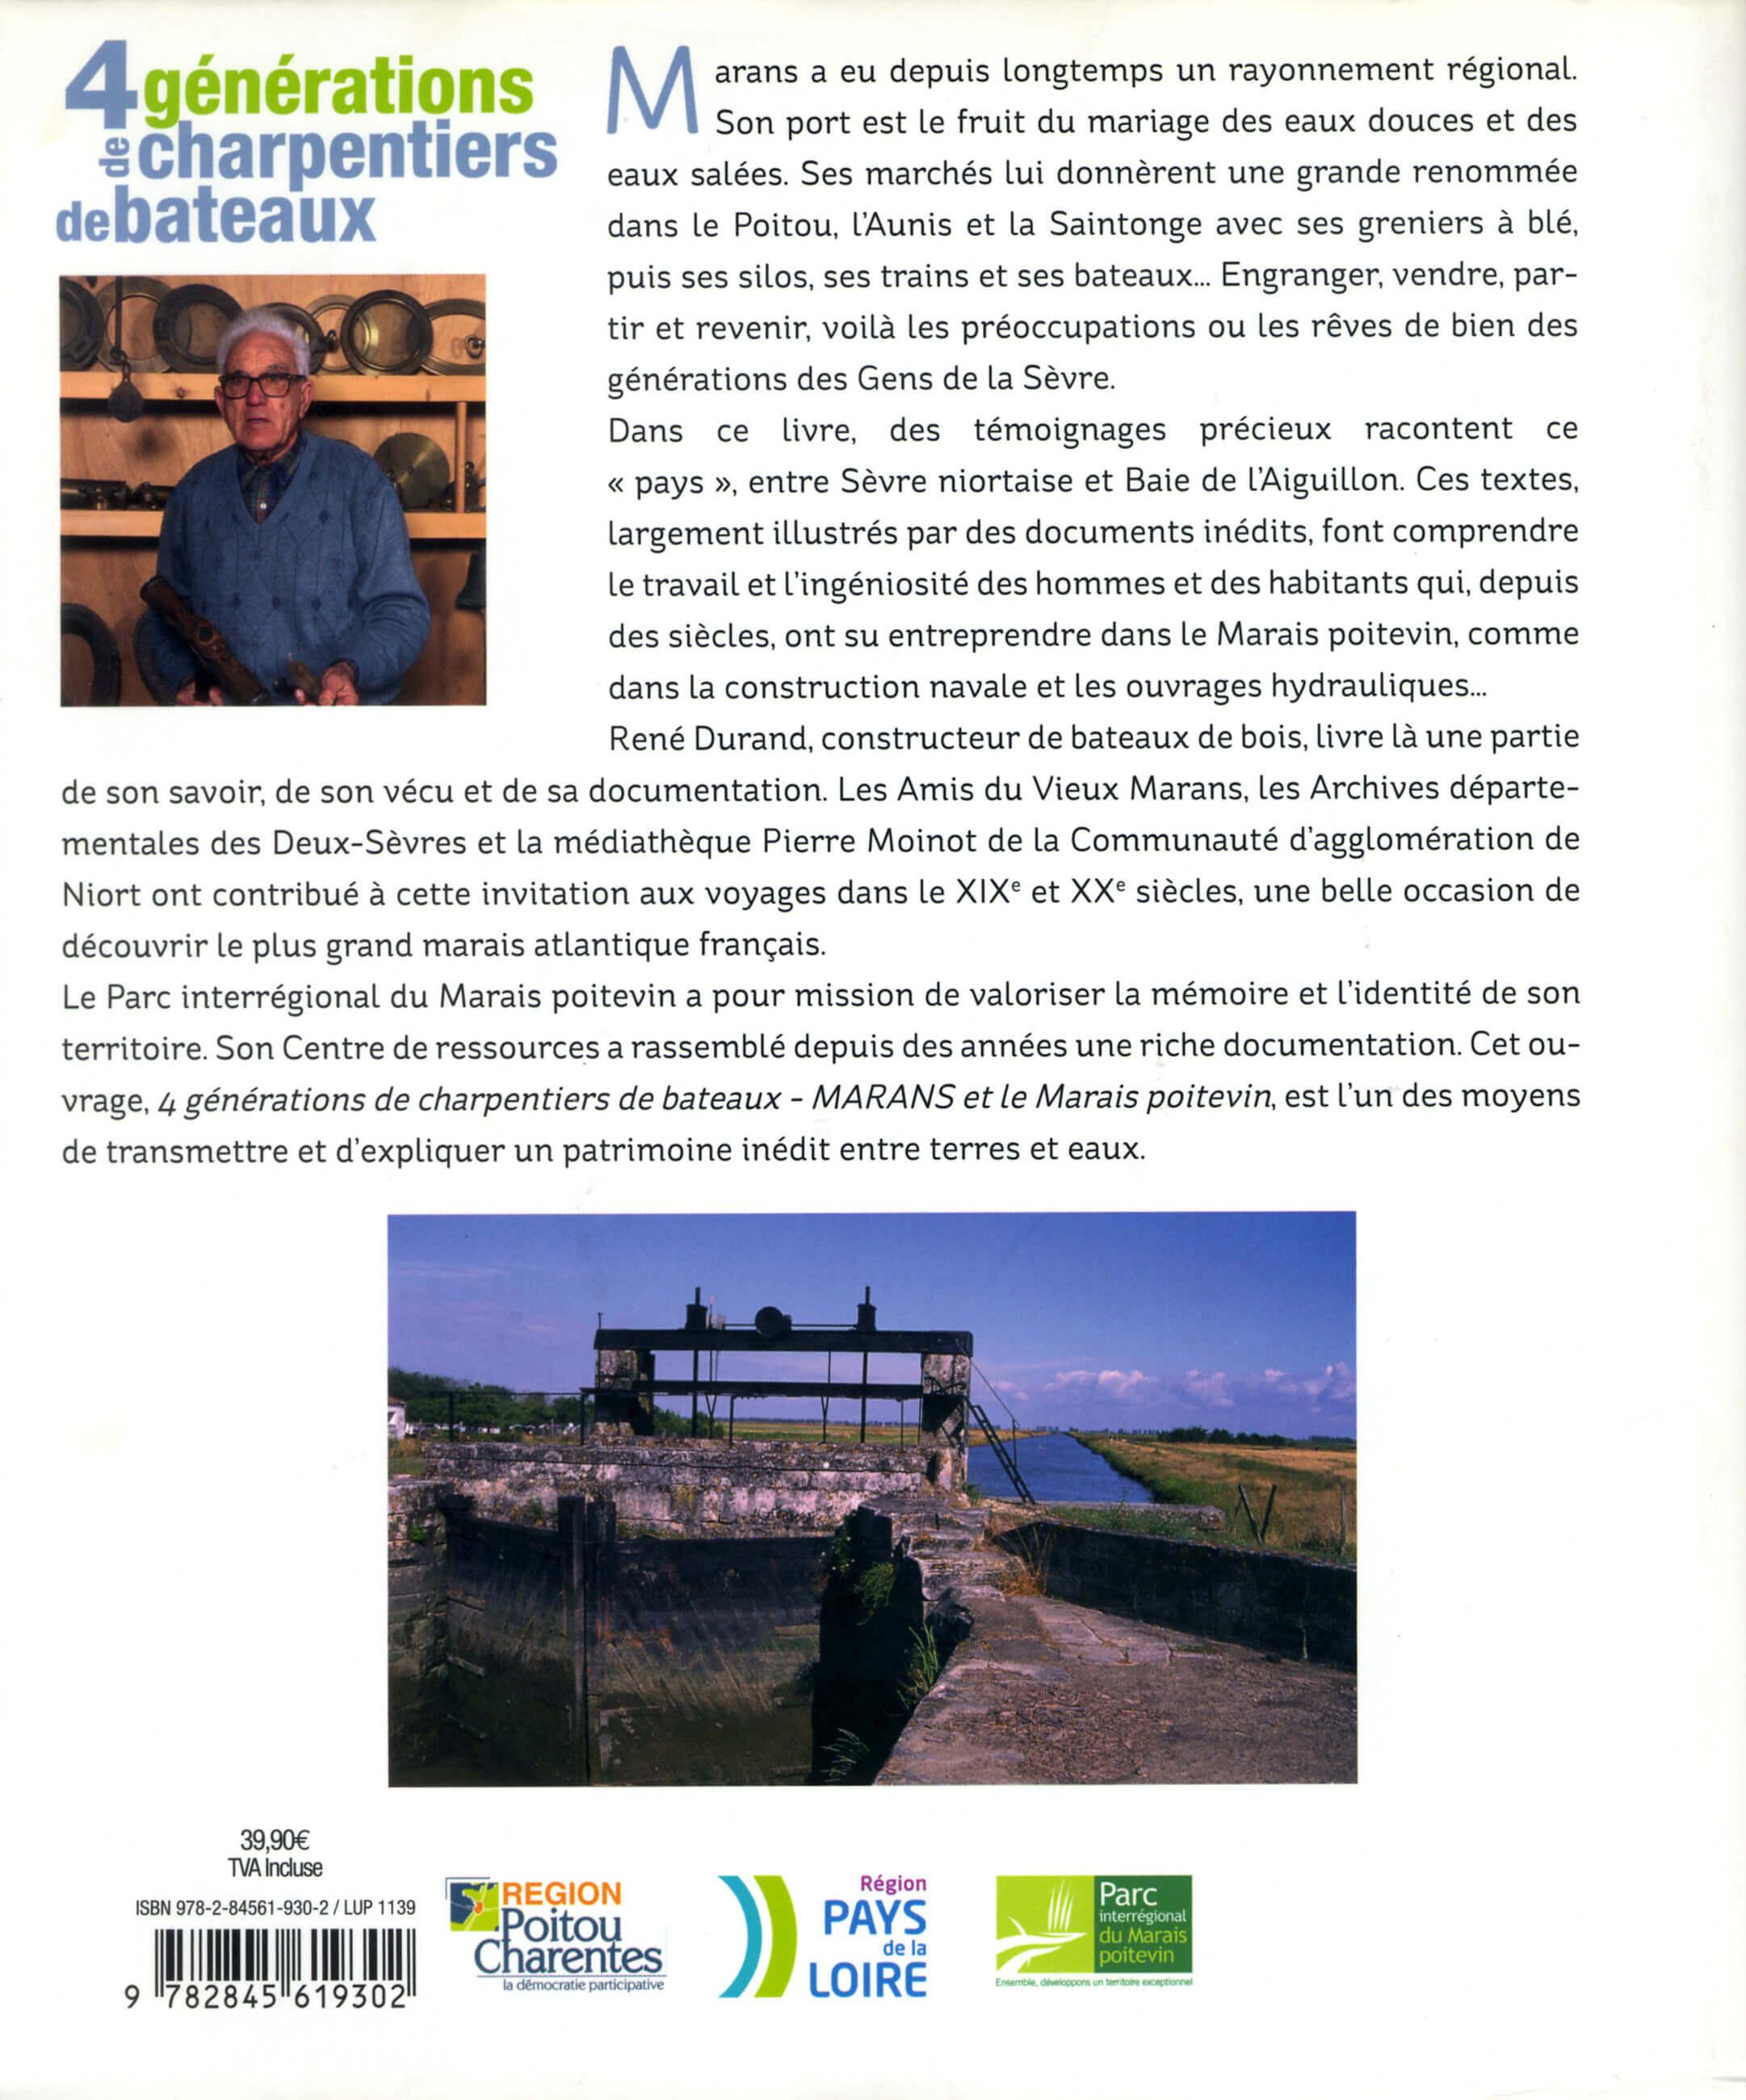 René DURAND - Daniel BOURDU - Guy BARDOT - Quatre générations de charpentiers de bateaux - 2e de couverture - PDM 2013